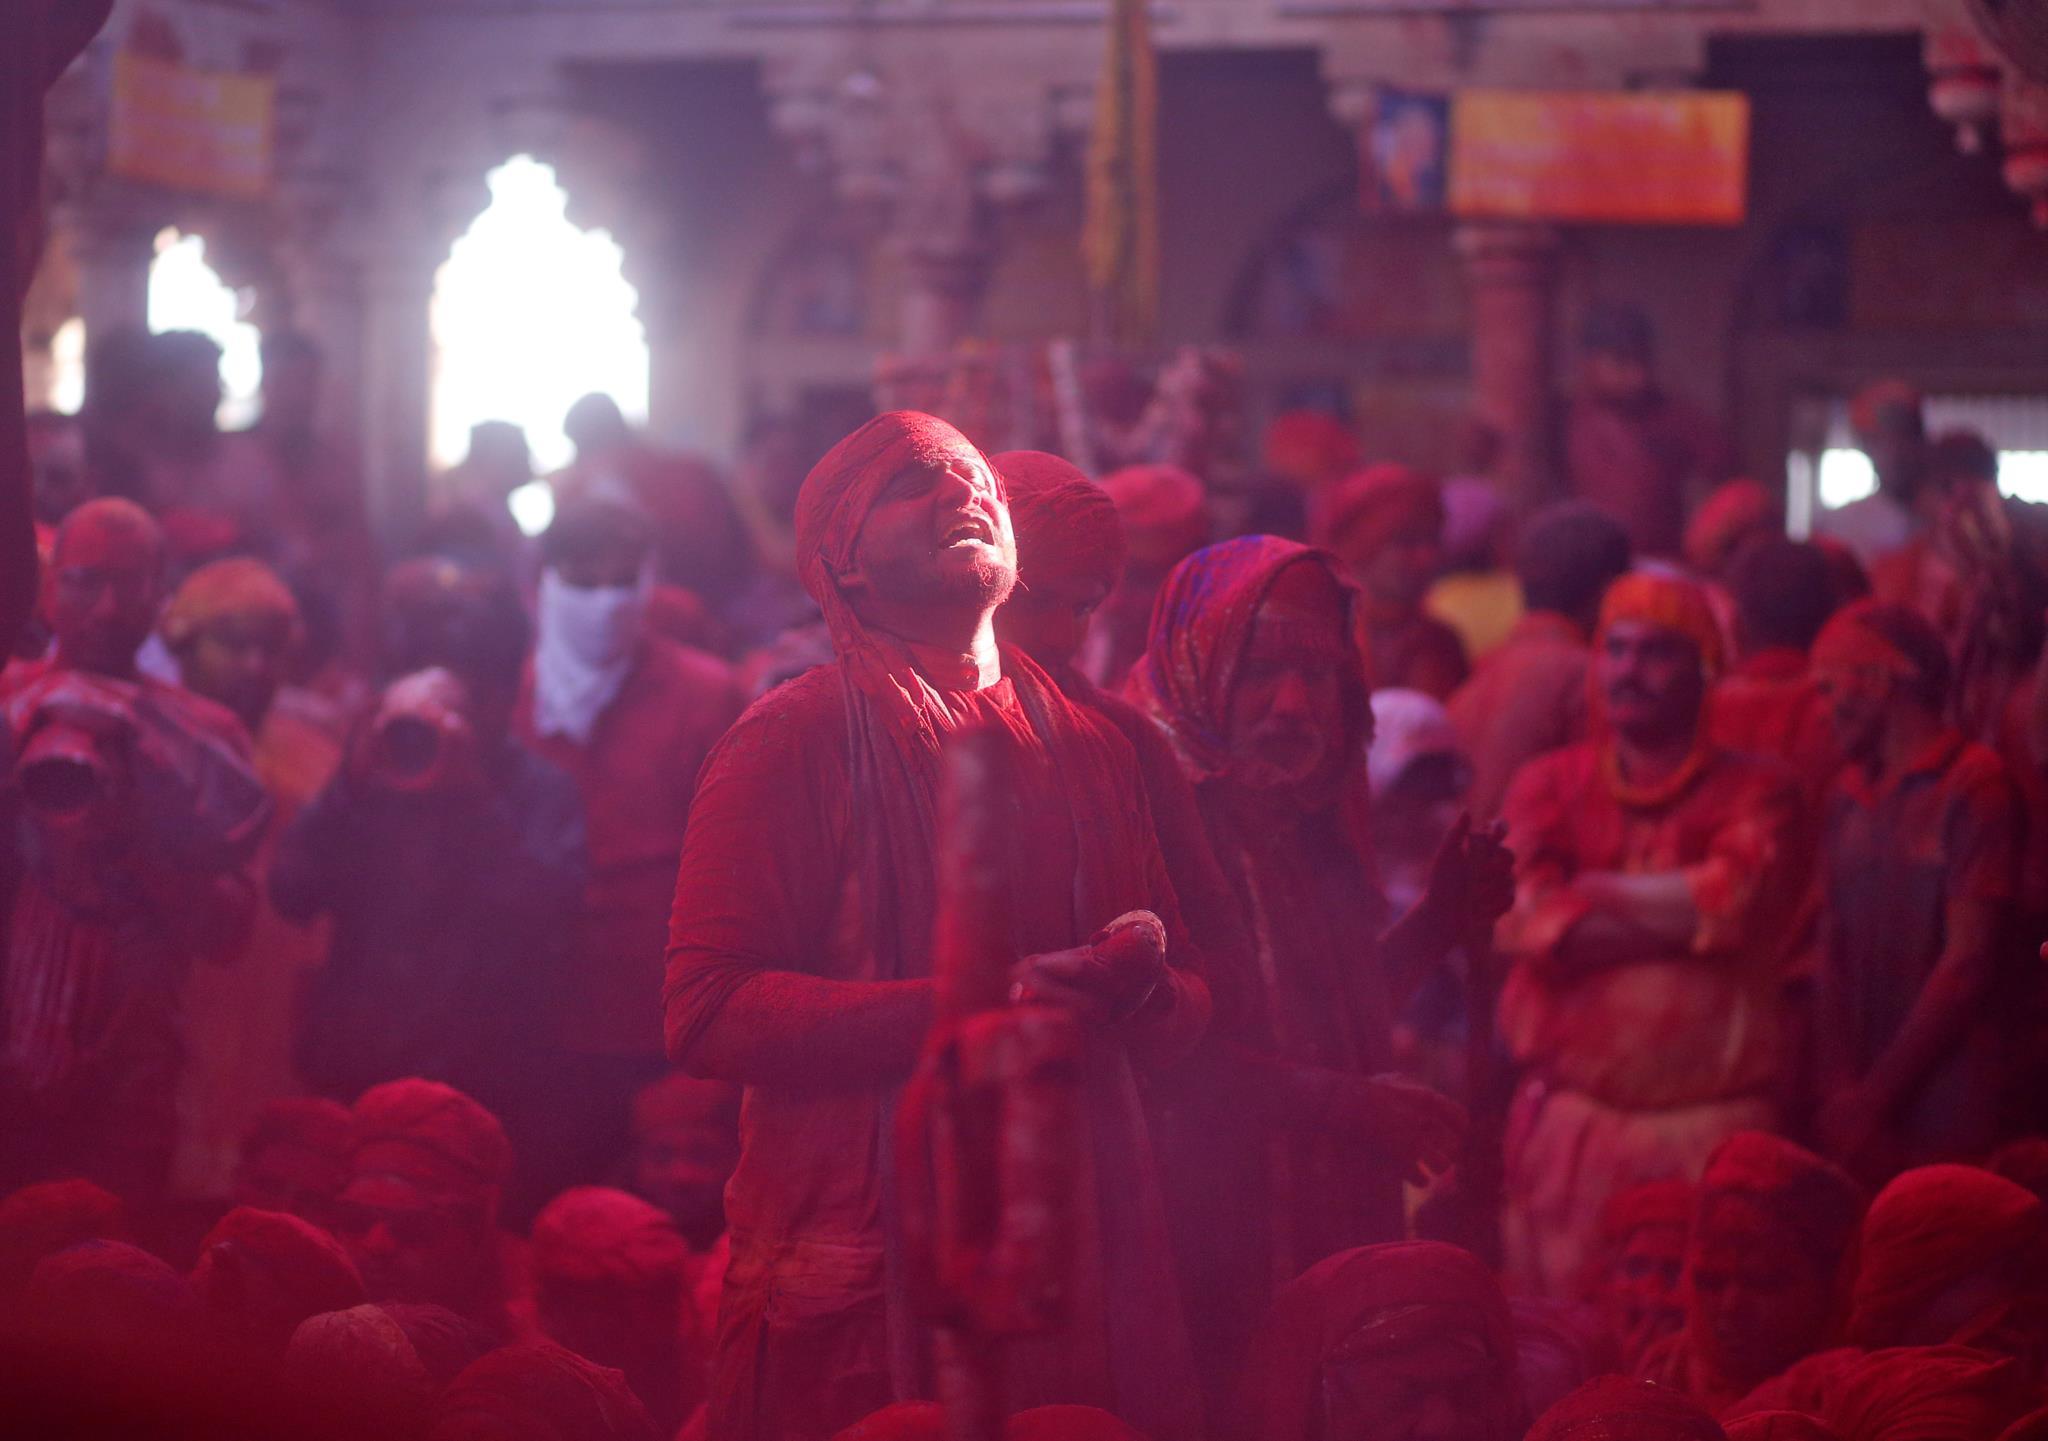 Um homem canta hinos religiosos durante as celebrações do Festival das Cores na Índia